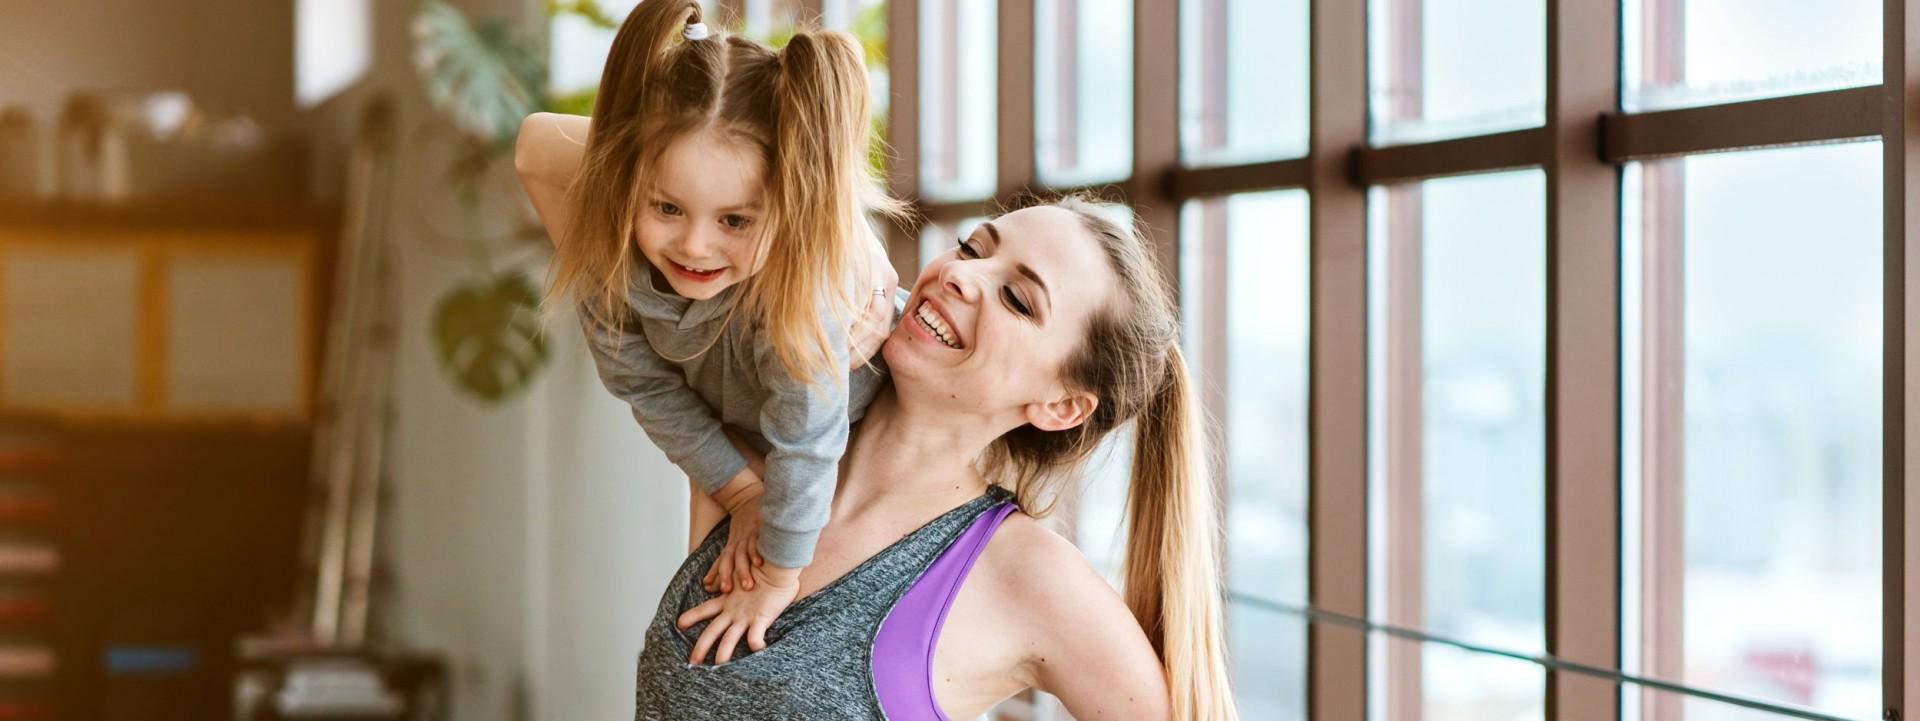 Eine etwa 35-jährige Mutter hat ihre circa 4- jährige Tochter auf der Schulter und beide lachen.